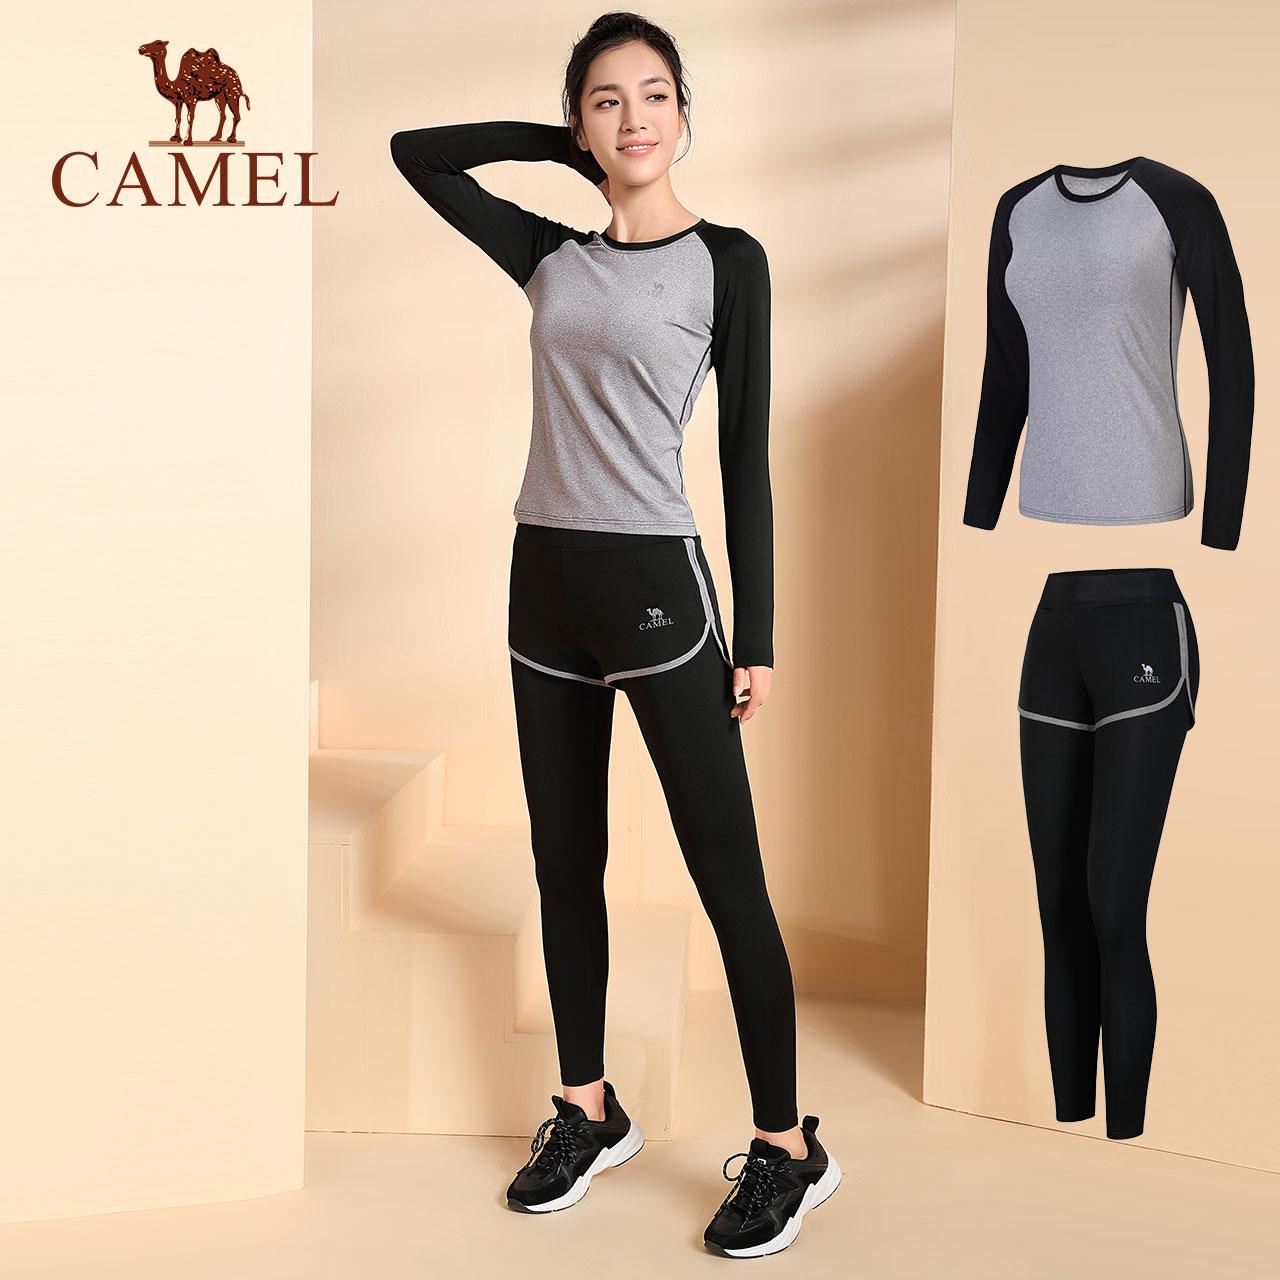 【骆驼】瑜伽服套装两件套长短袖健身服